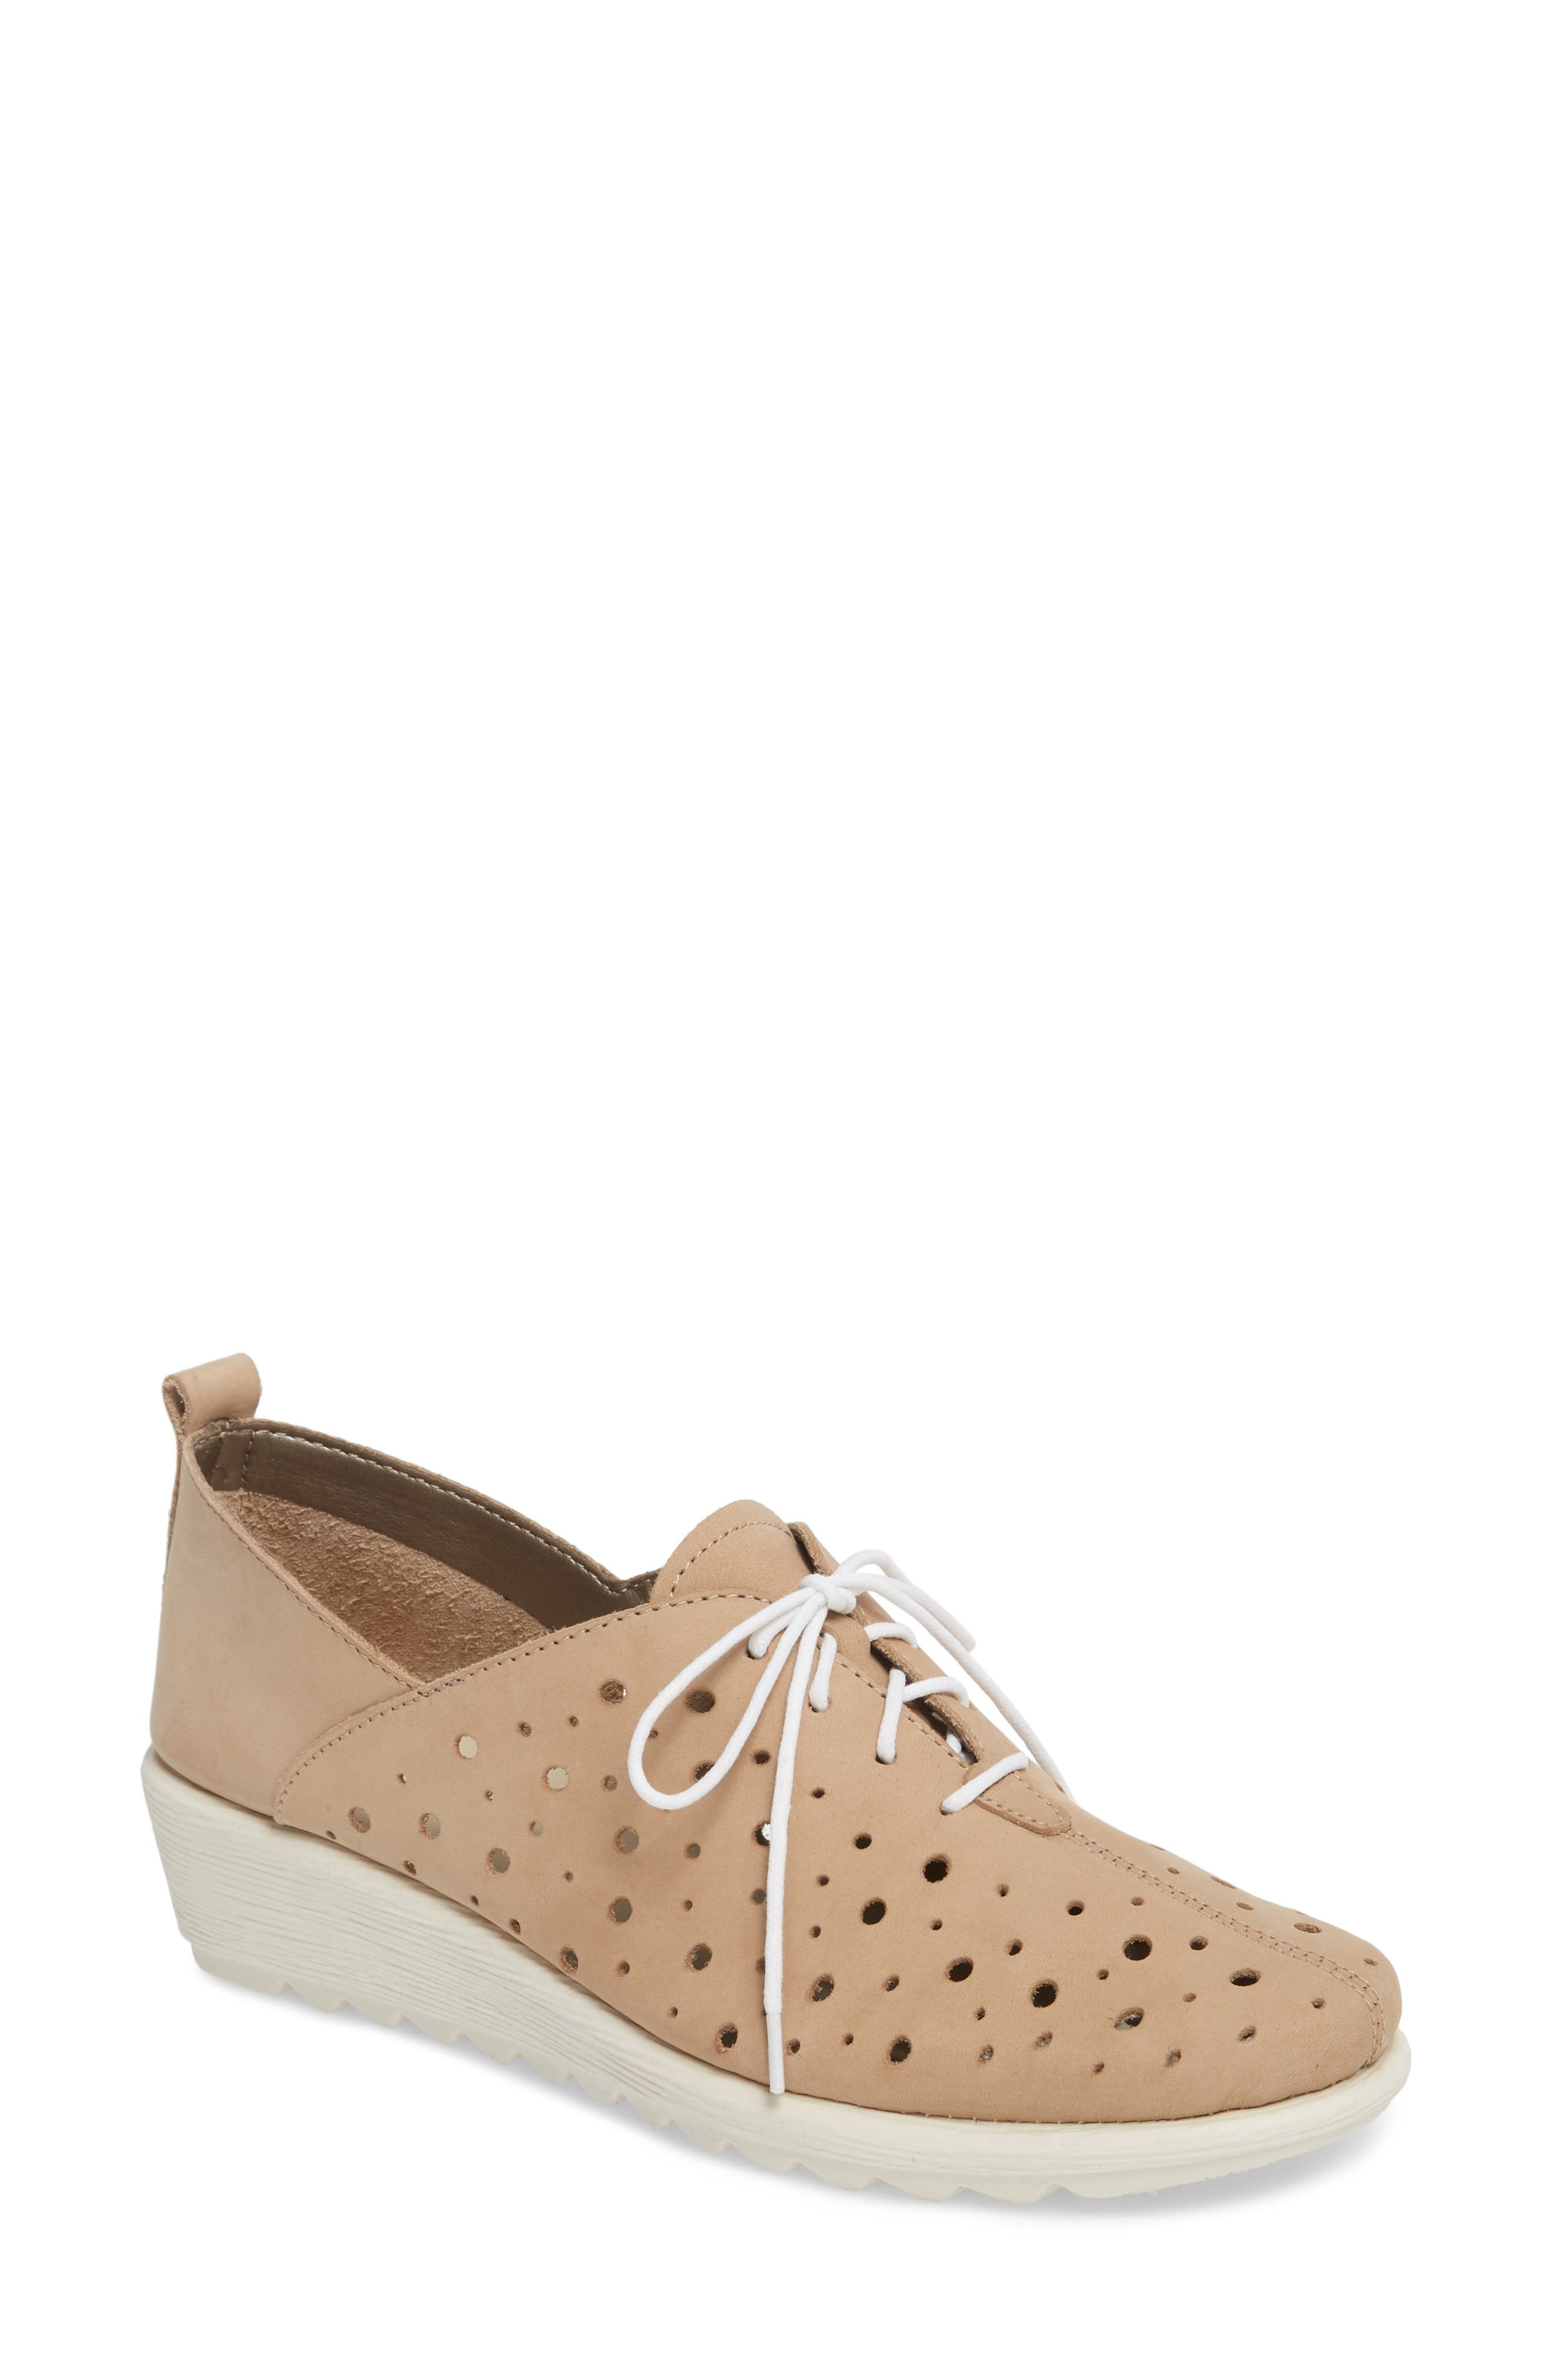 Run Crazy Too Perforated Wedge Sneaker,                         Main,                         color, Dune Nubuck